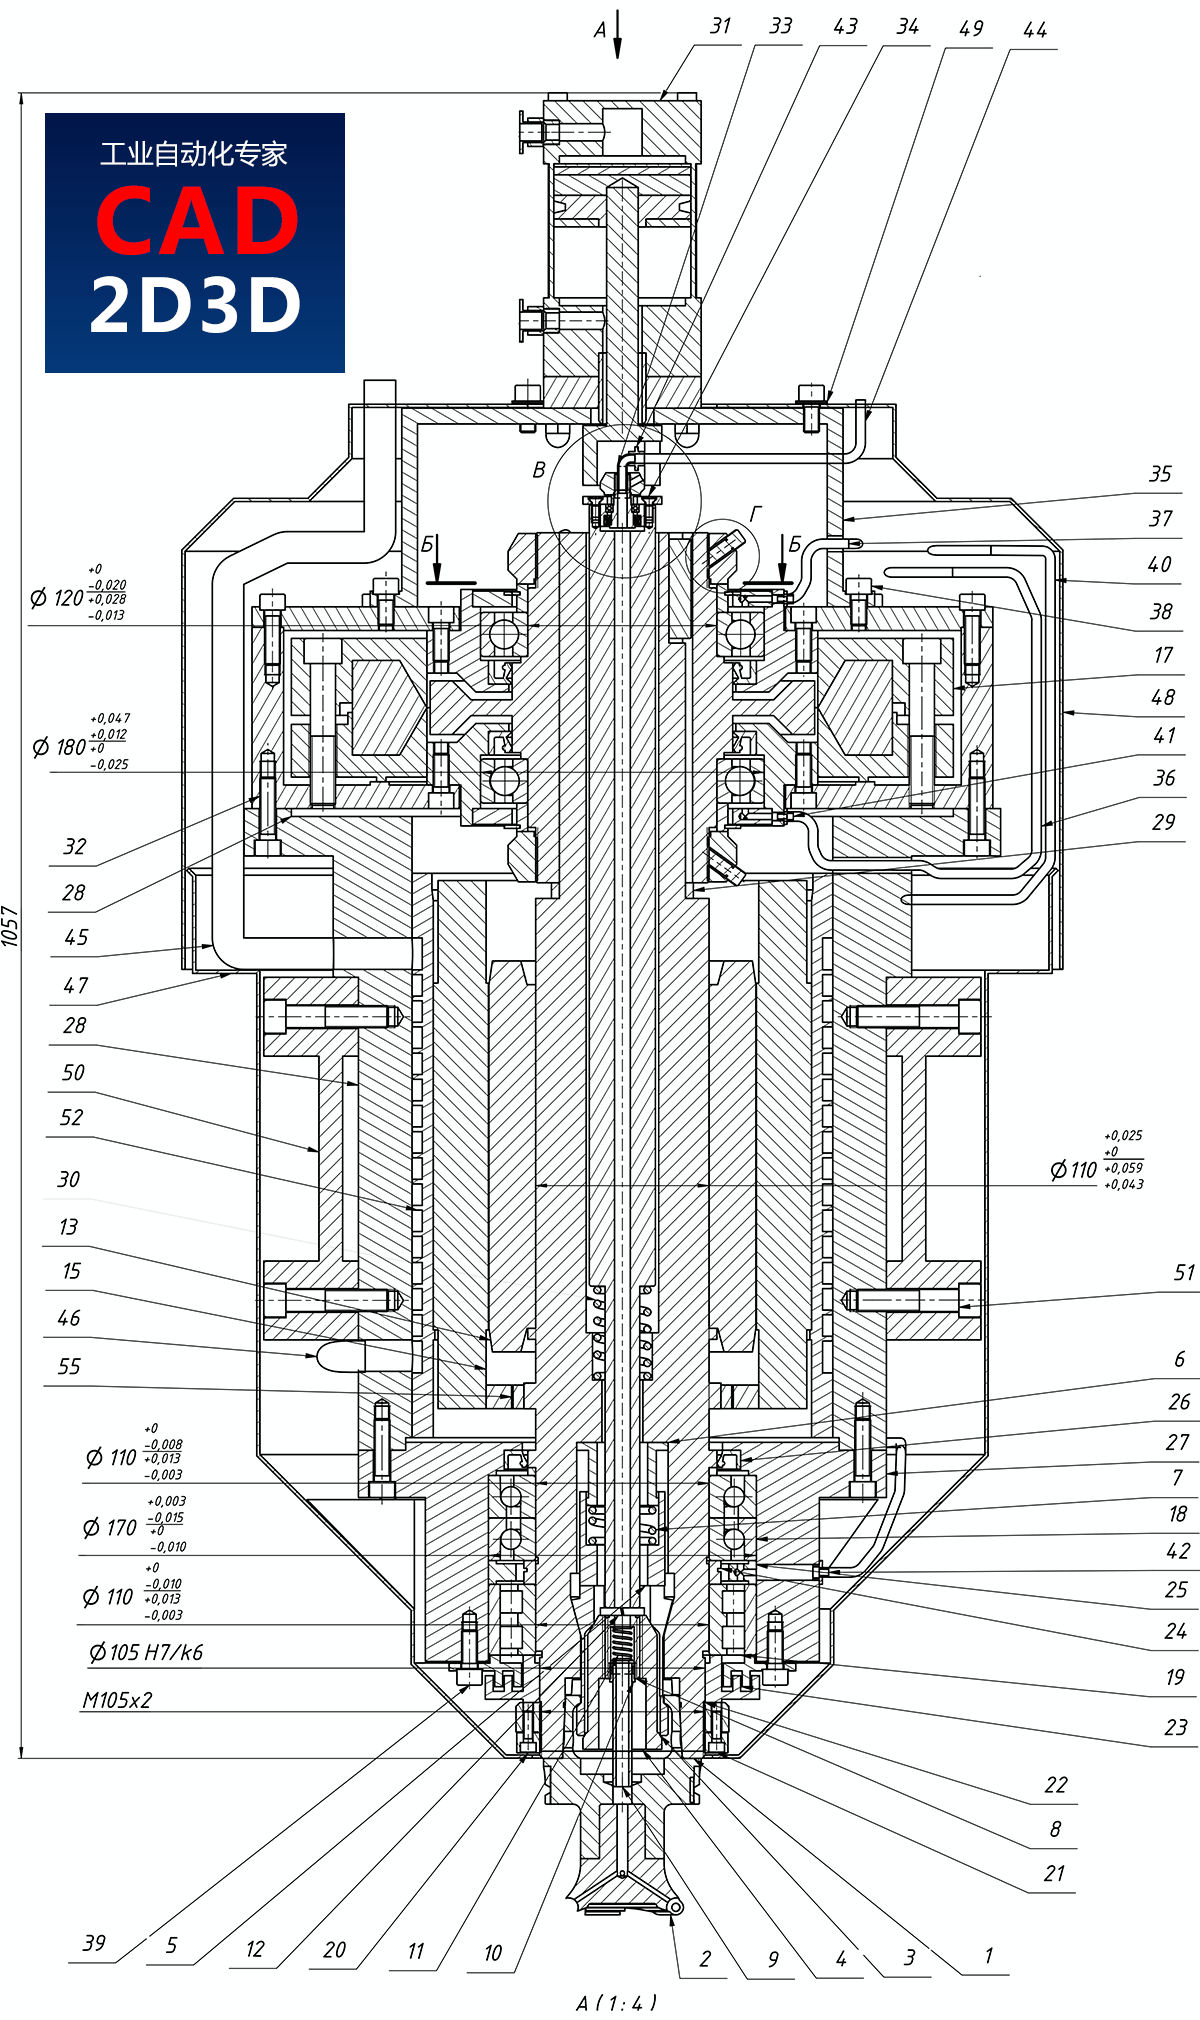 立式加工中心内置电主轴3D模型免费下载,stp通用格式,含内部结构组成